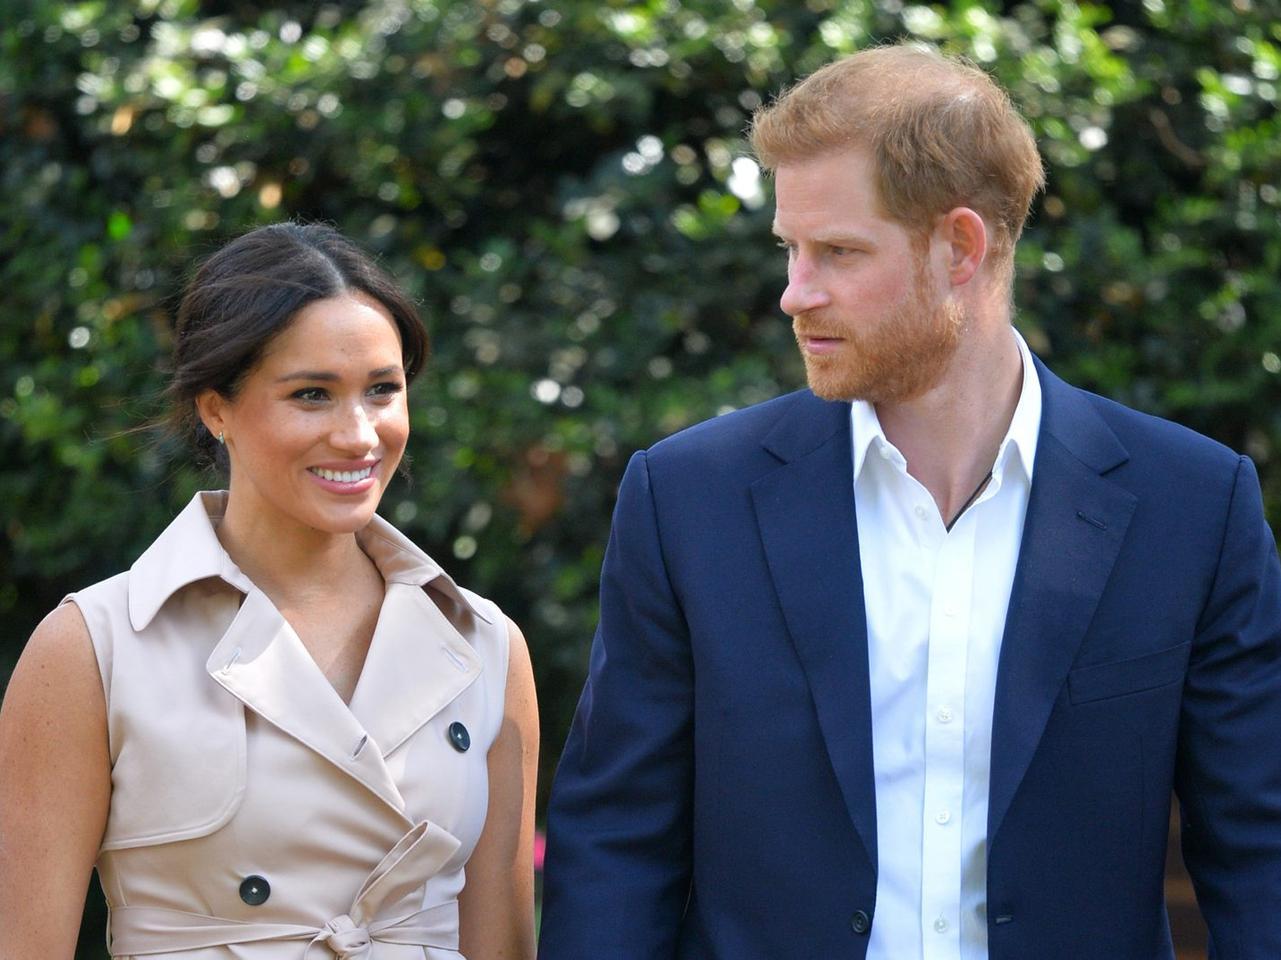 Książę Harry i Meghan Markle kupili 200 czapek! Wszystko wyszło na jaw - Super Express - wiadomości, polityka, sport